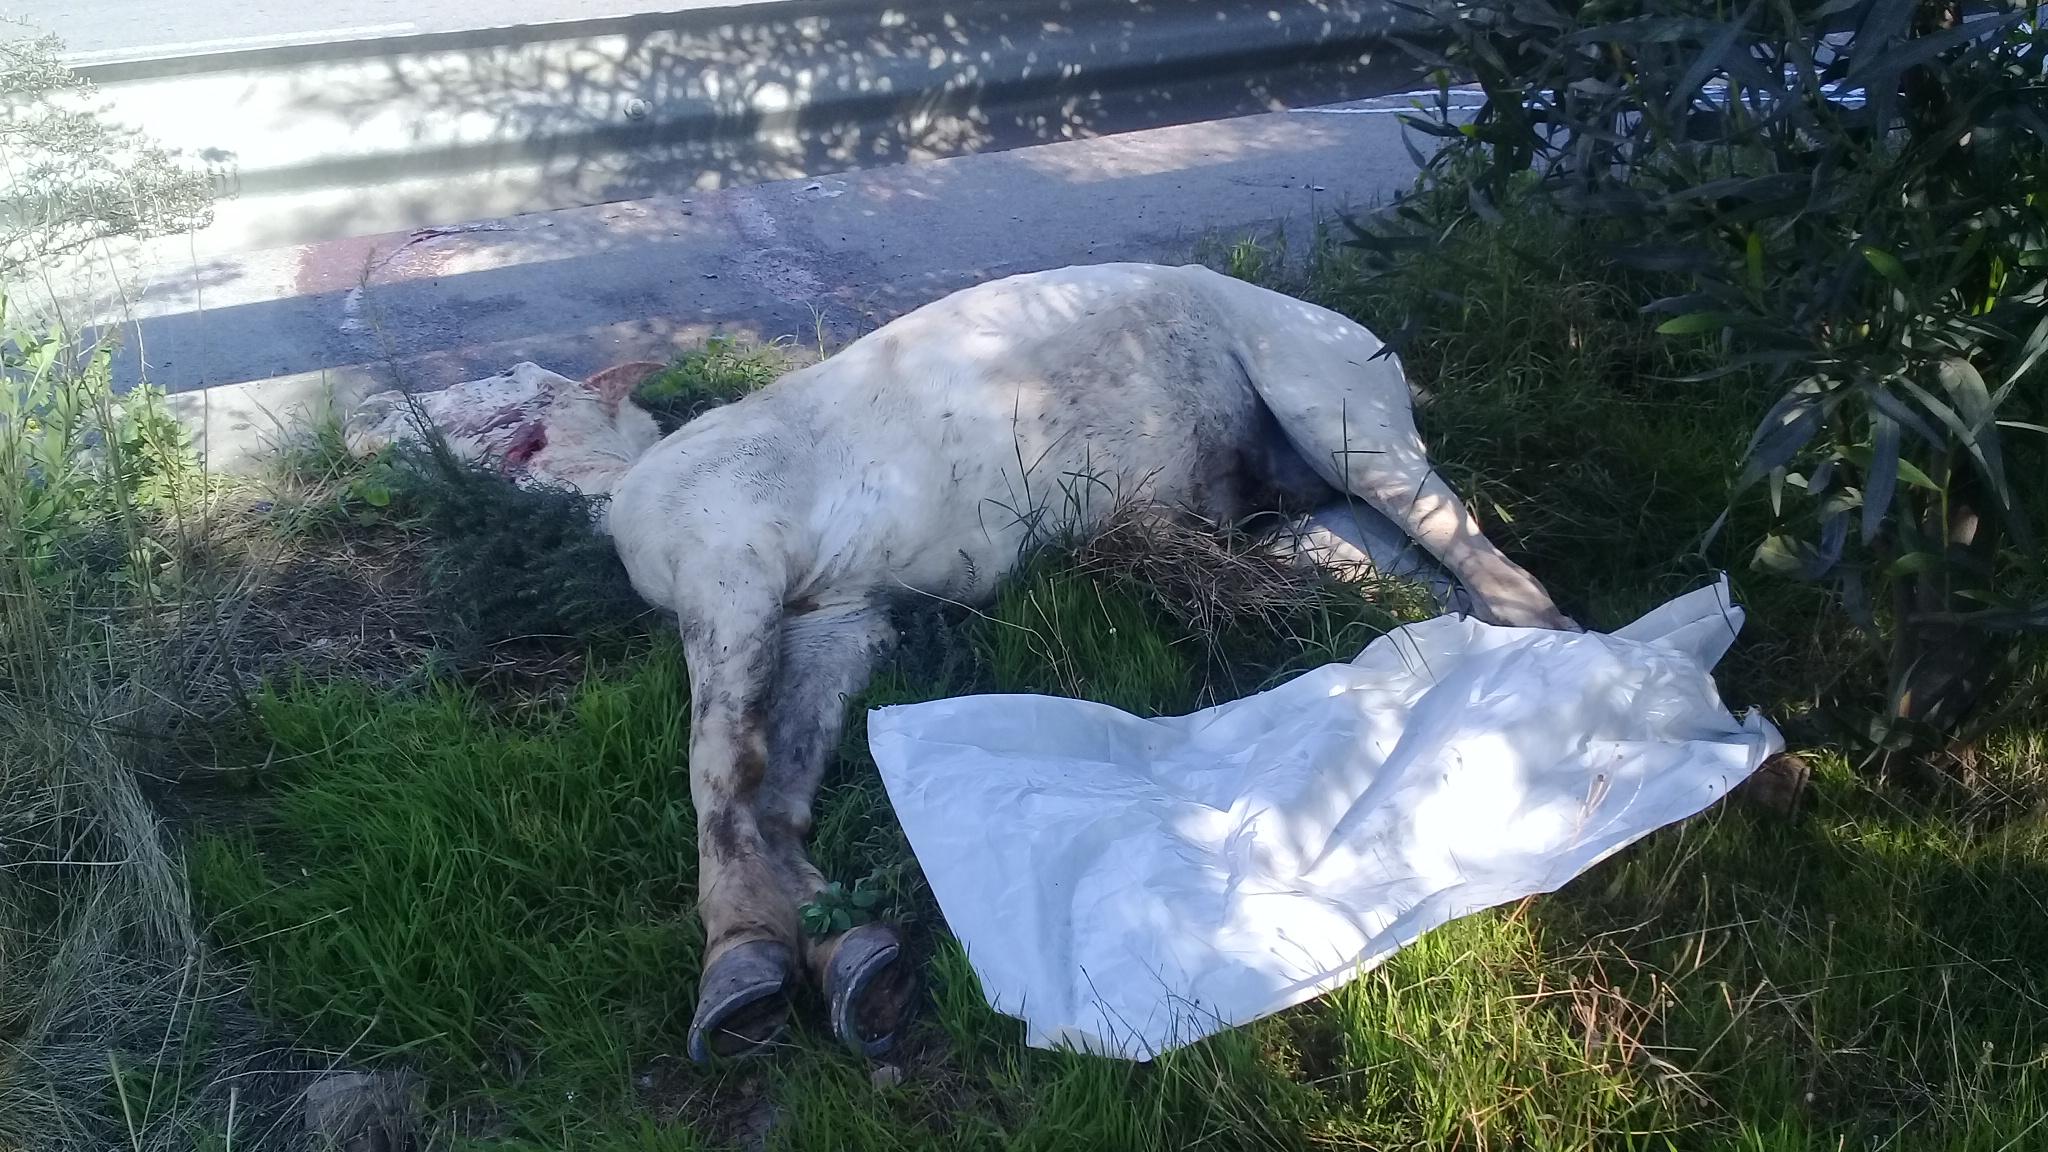 بالصور : حصان ينتحر بالطريق السيار نواحي الدارالبيضاء